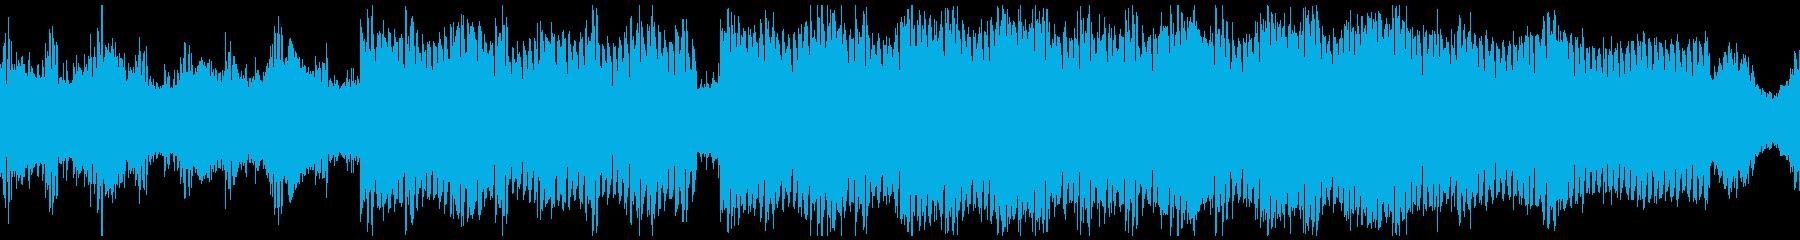 ビート感のあるアンビエントテクノの再生済みの波形